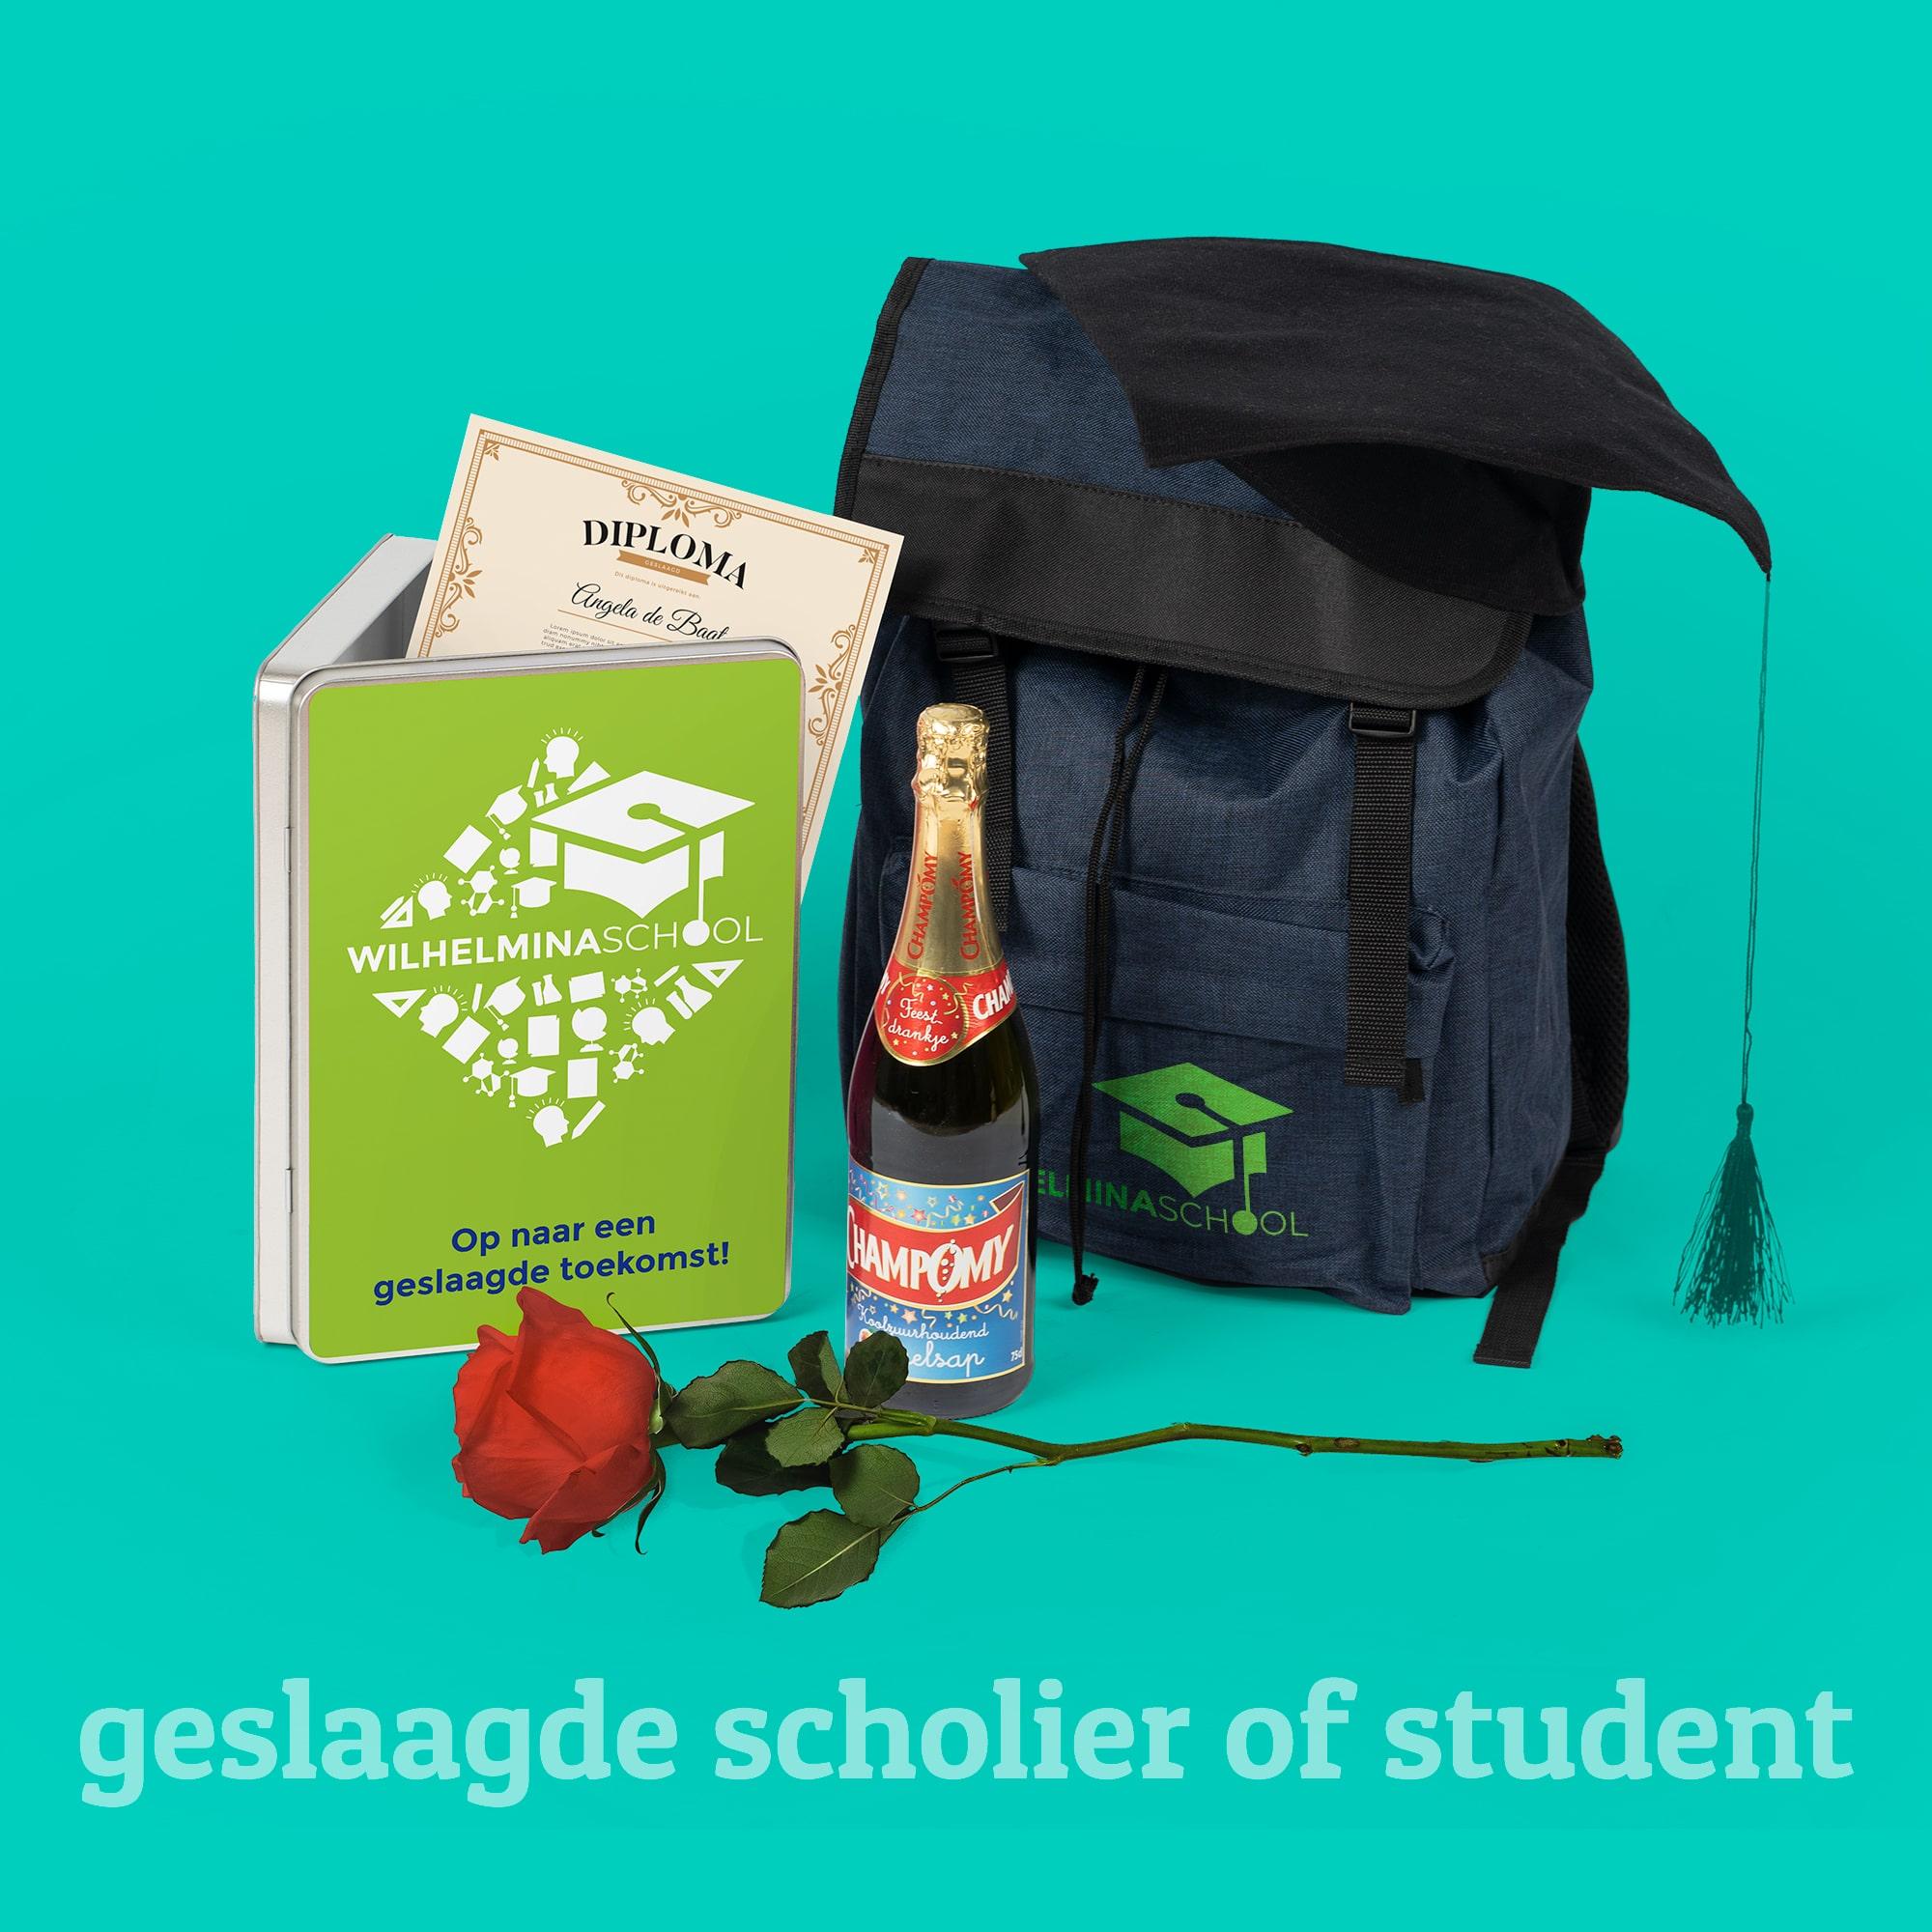 Geschenken voor de geslaagde scholier of student l Pelster Promotions